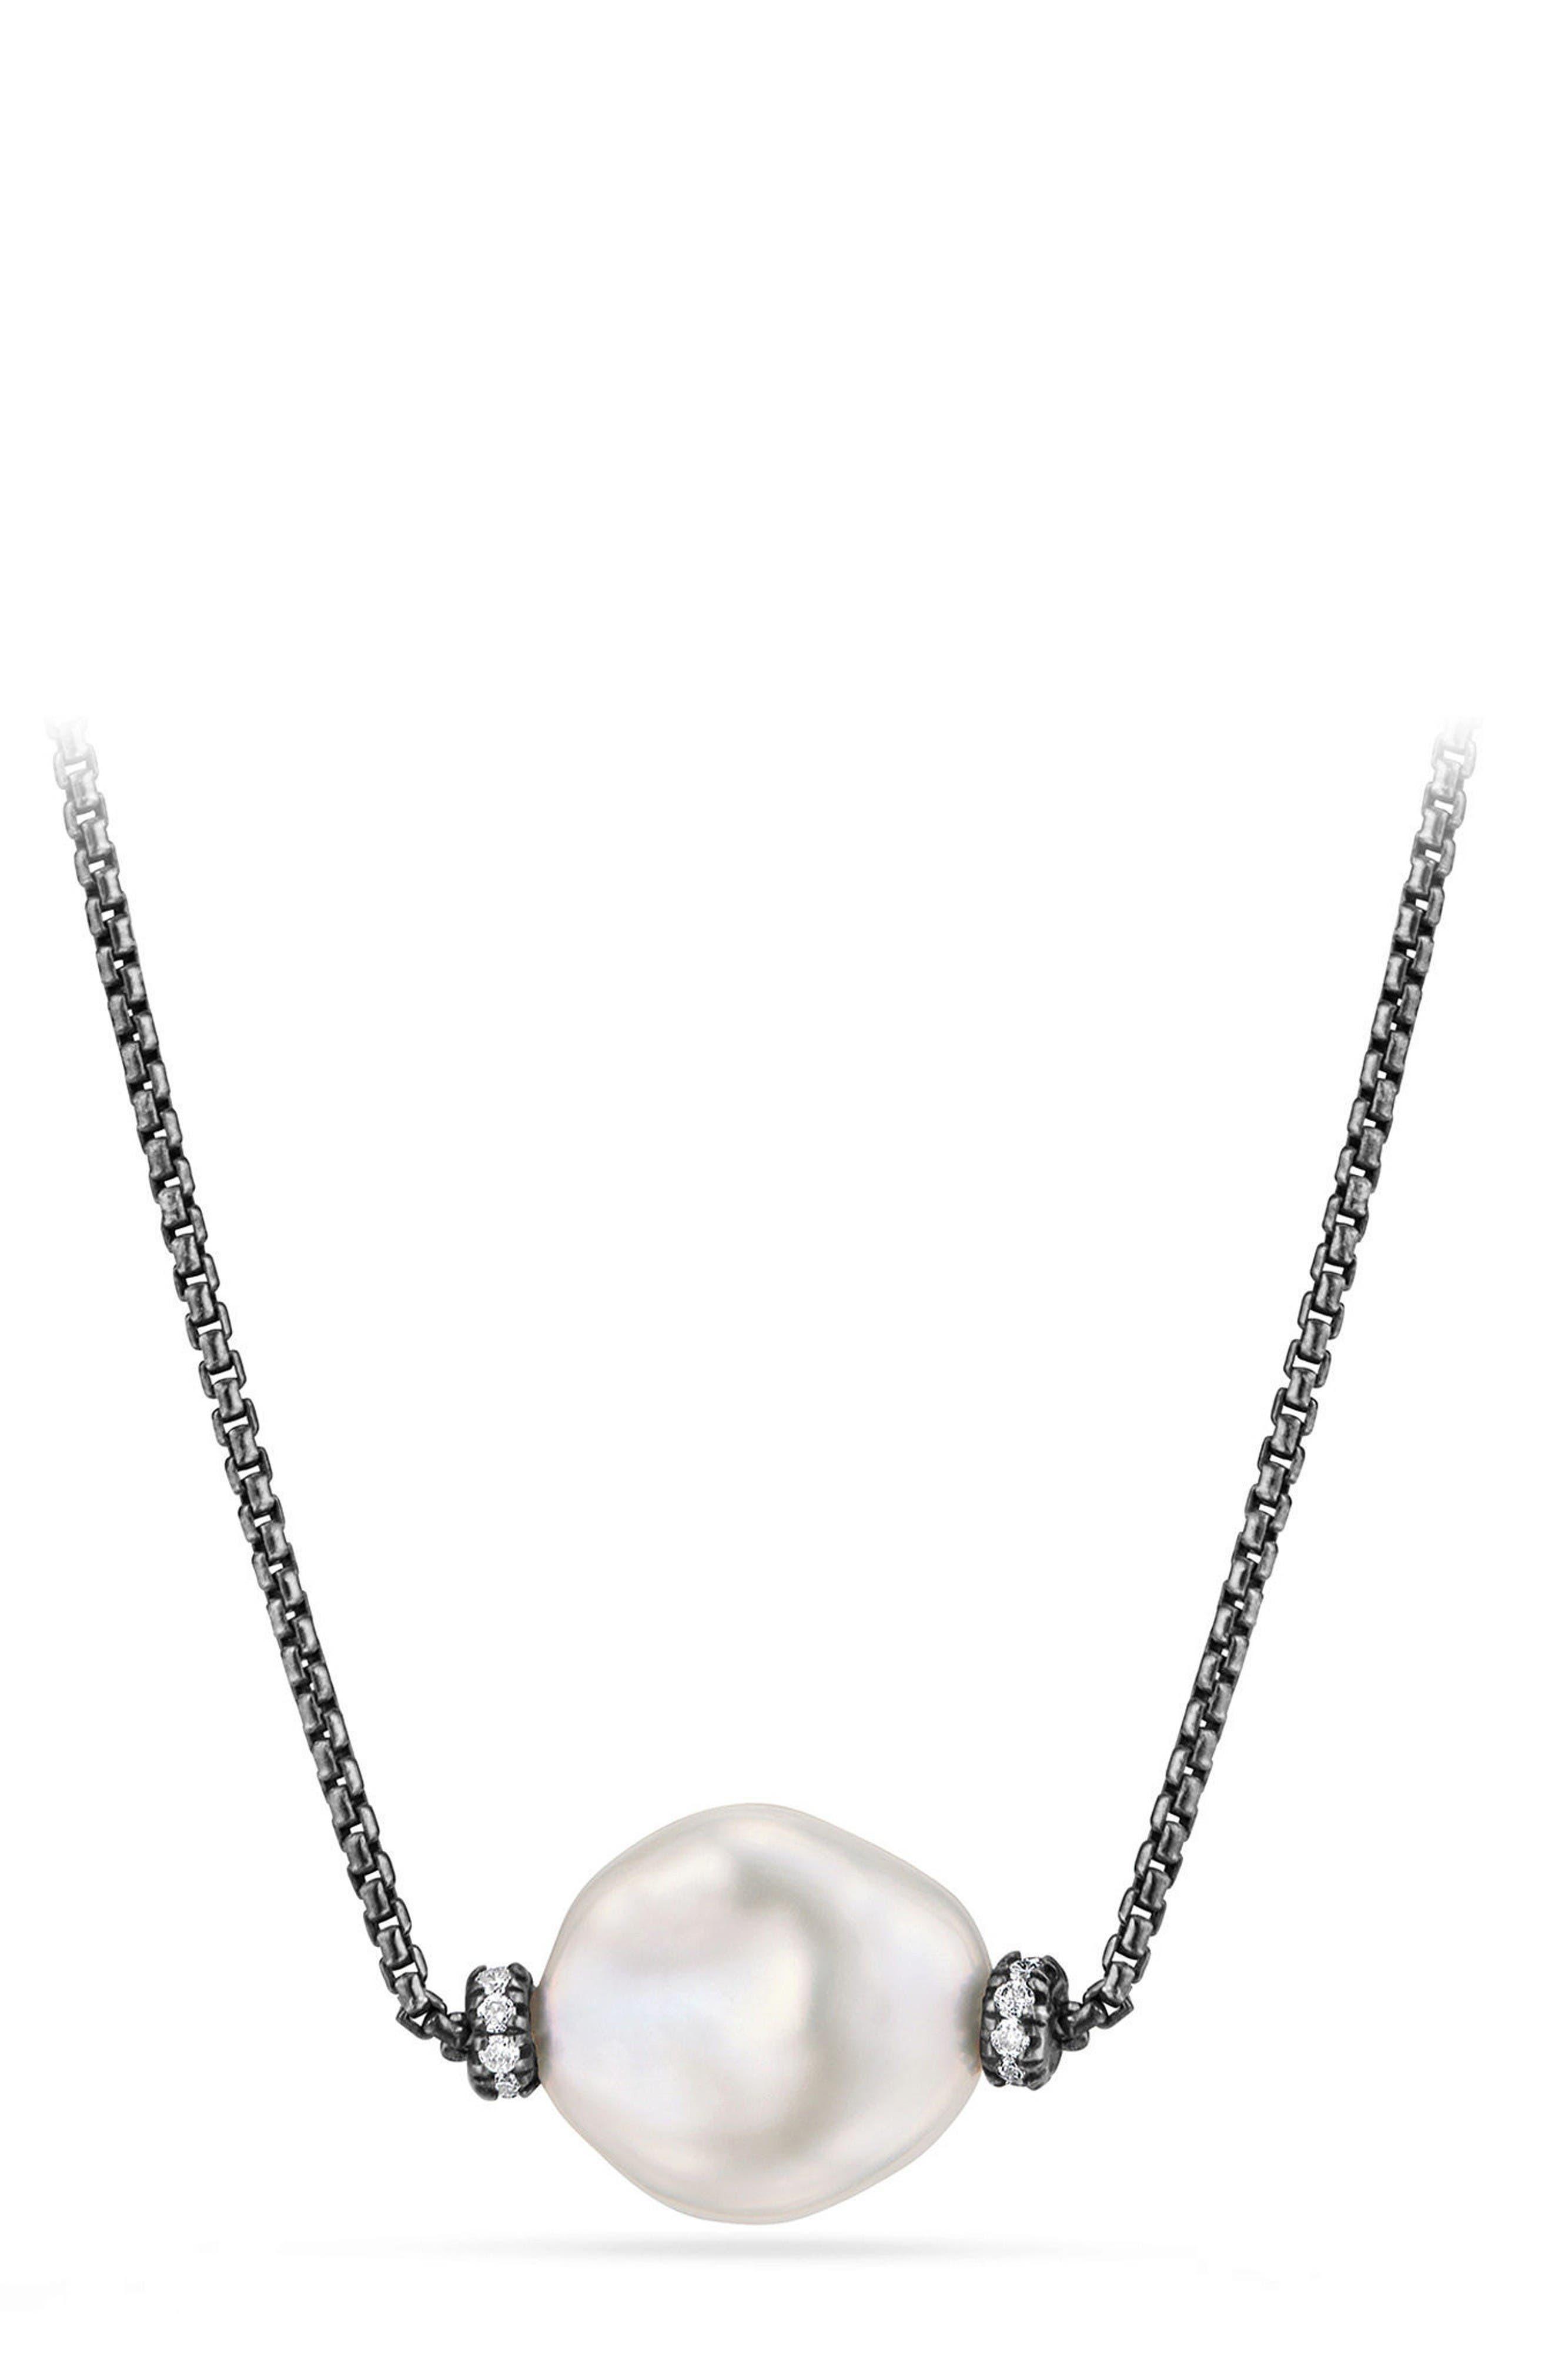 Solari Pearl & Diamond Station Necklace,                         Main,                         color, Silver/ Pearl